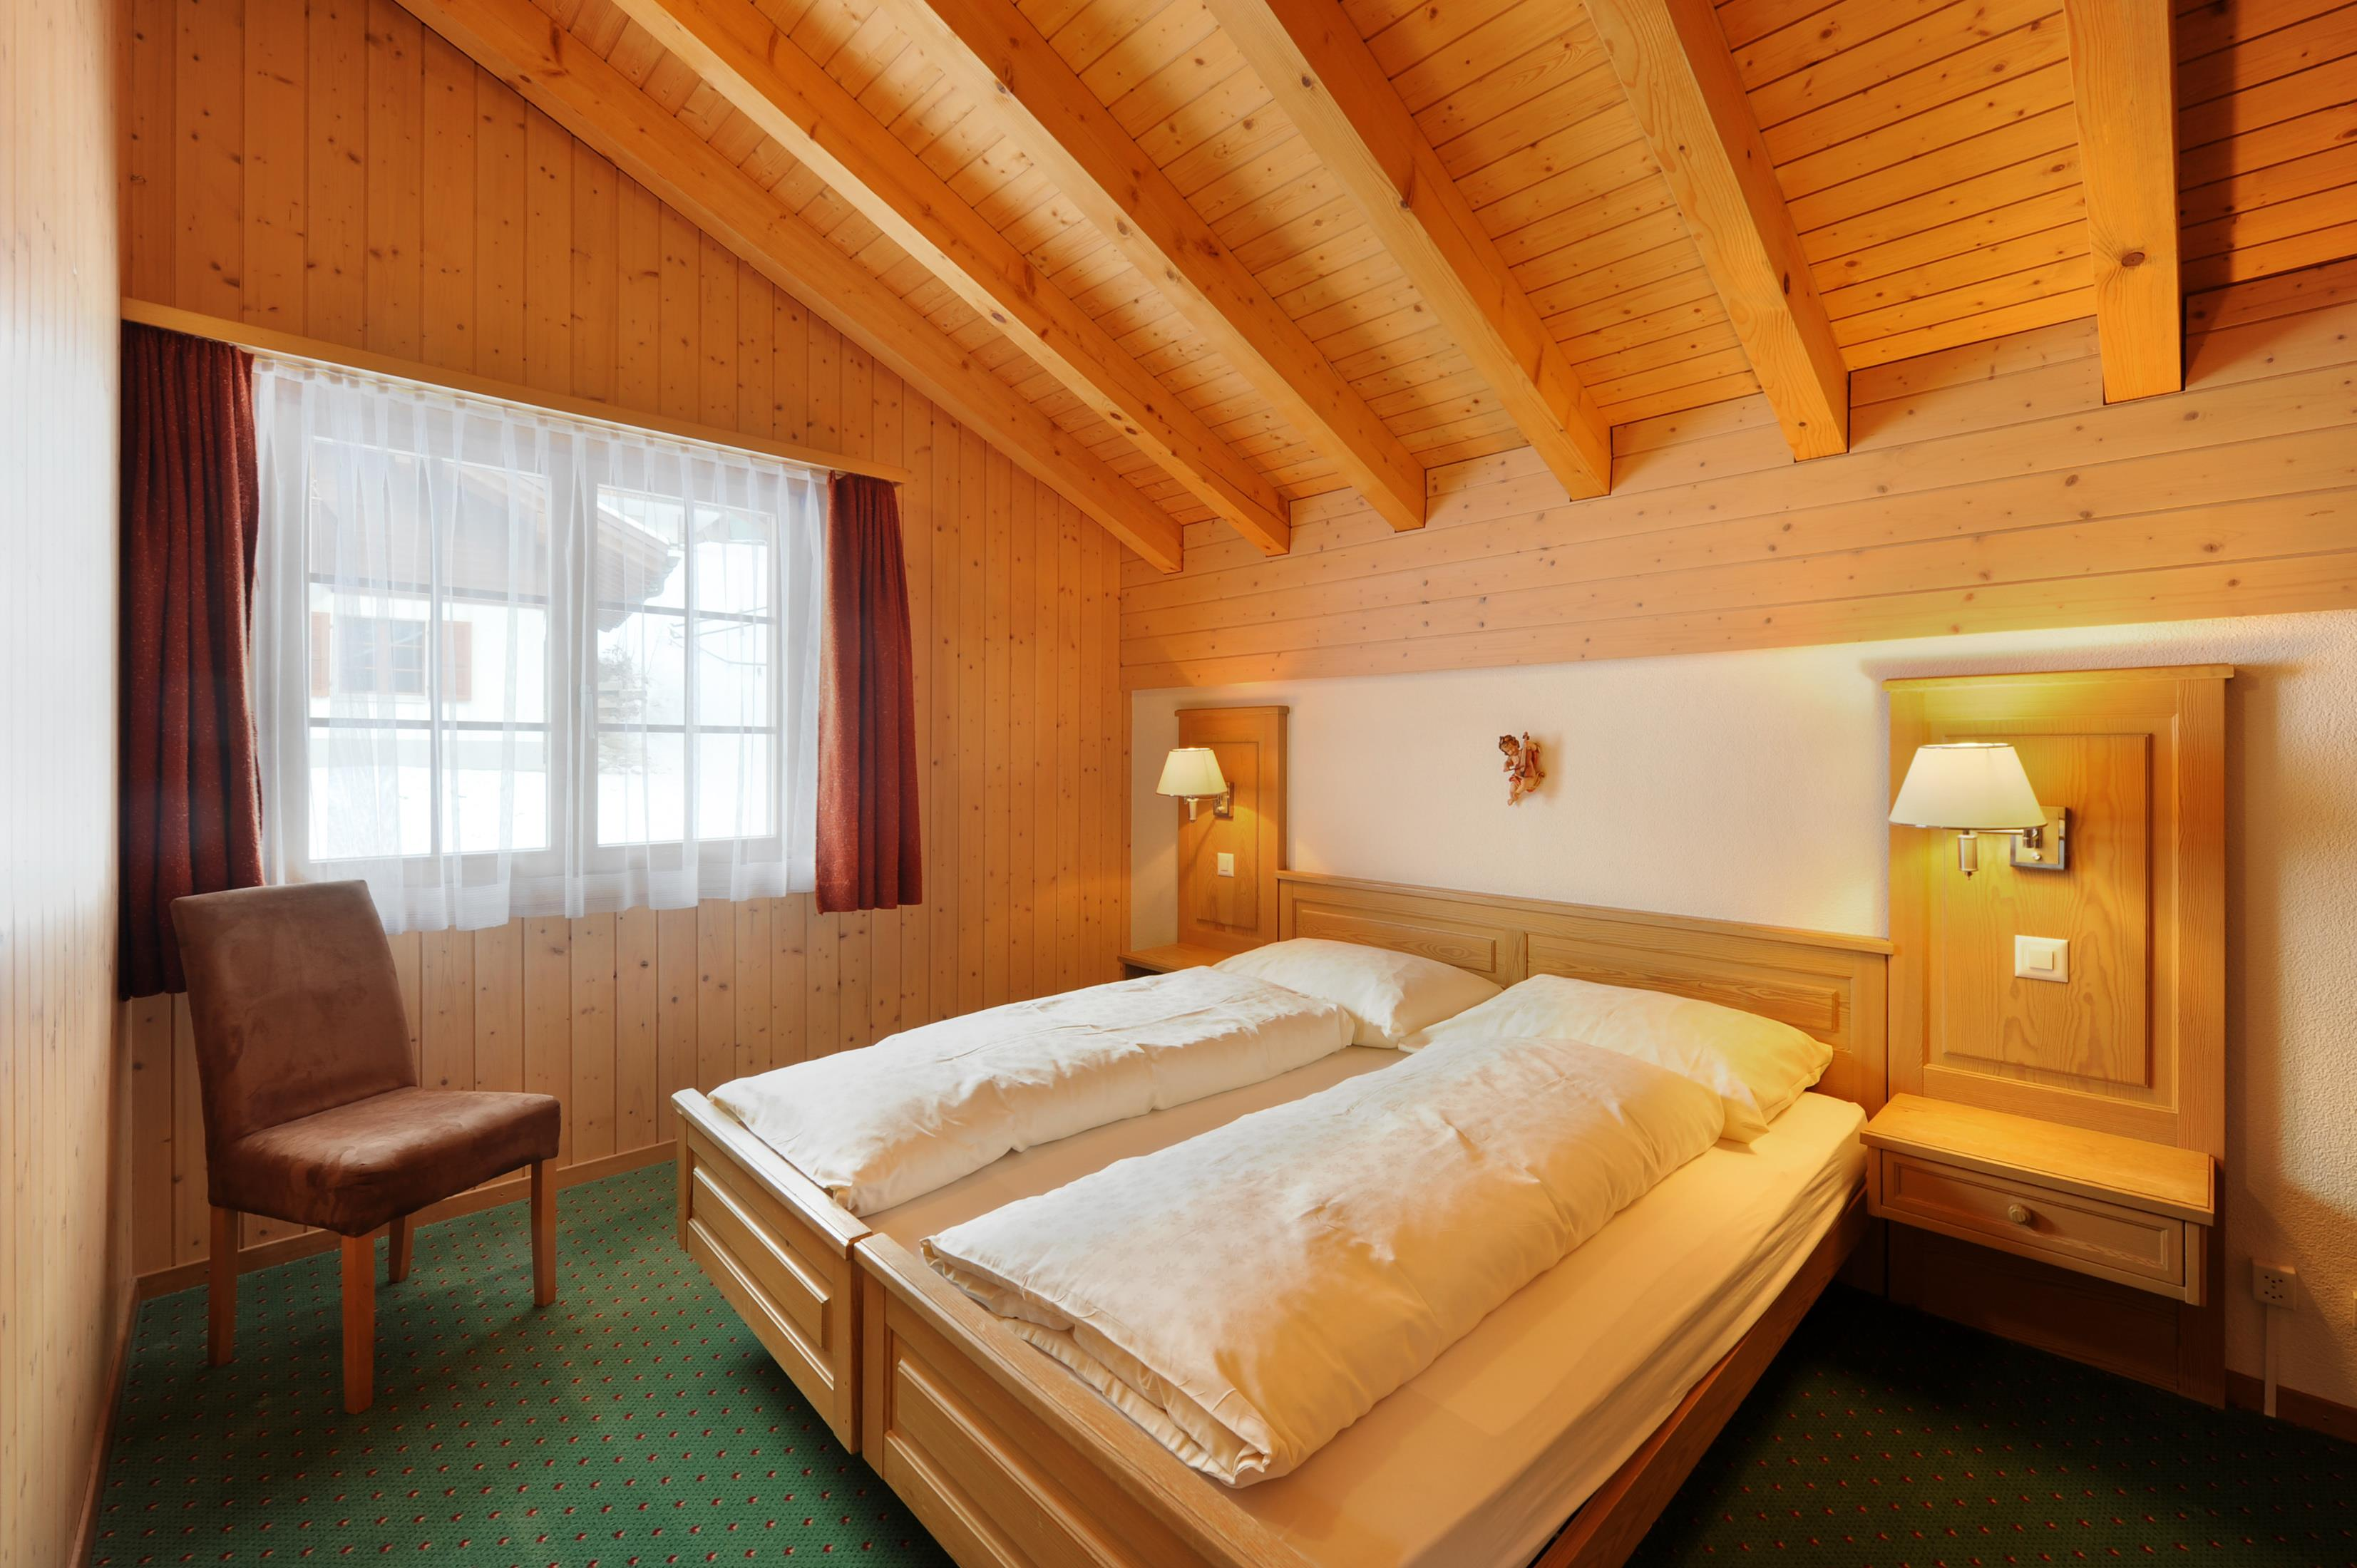 Appartement de vacances Furggenhorn App. 573 4 Bett Wohnung Obj. 4068 (2692219), Grindelwald, Région de la Jungfrau, Oberland bernois, Suisse, image 7